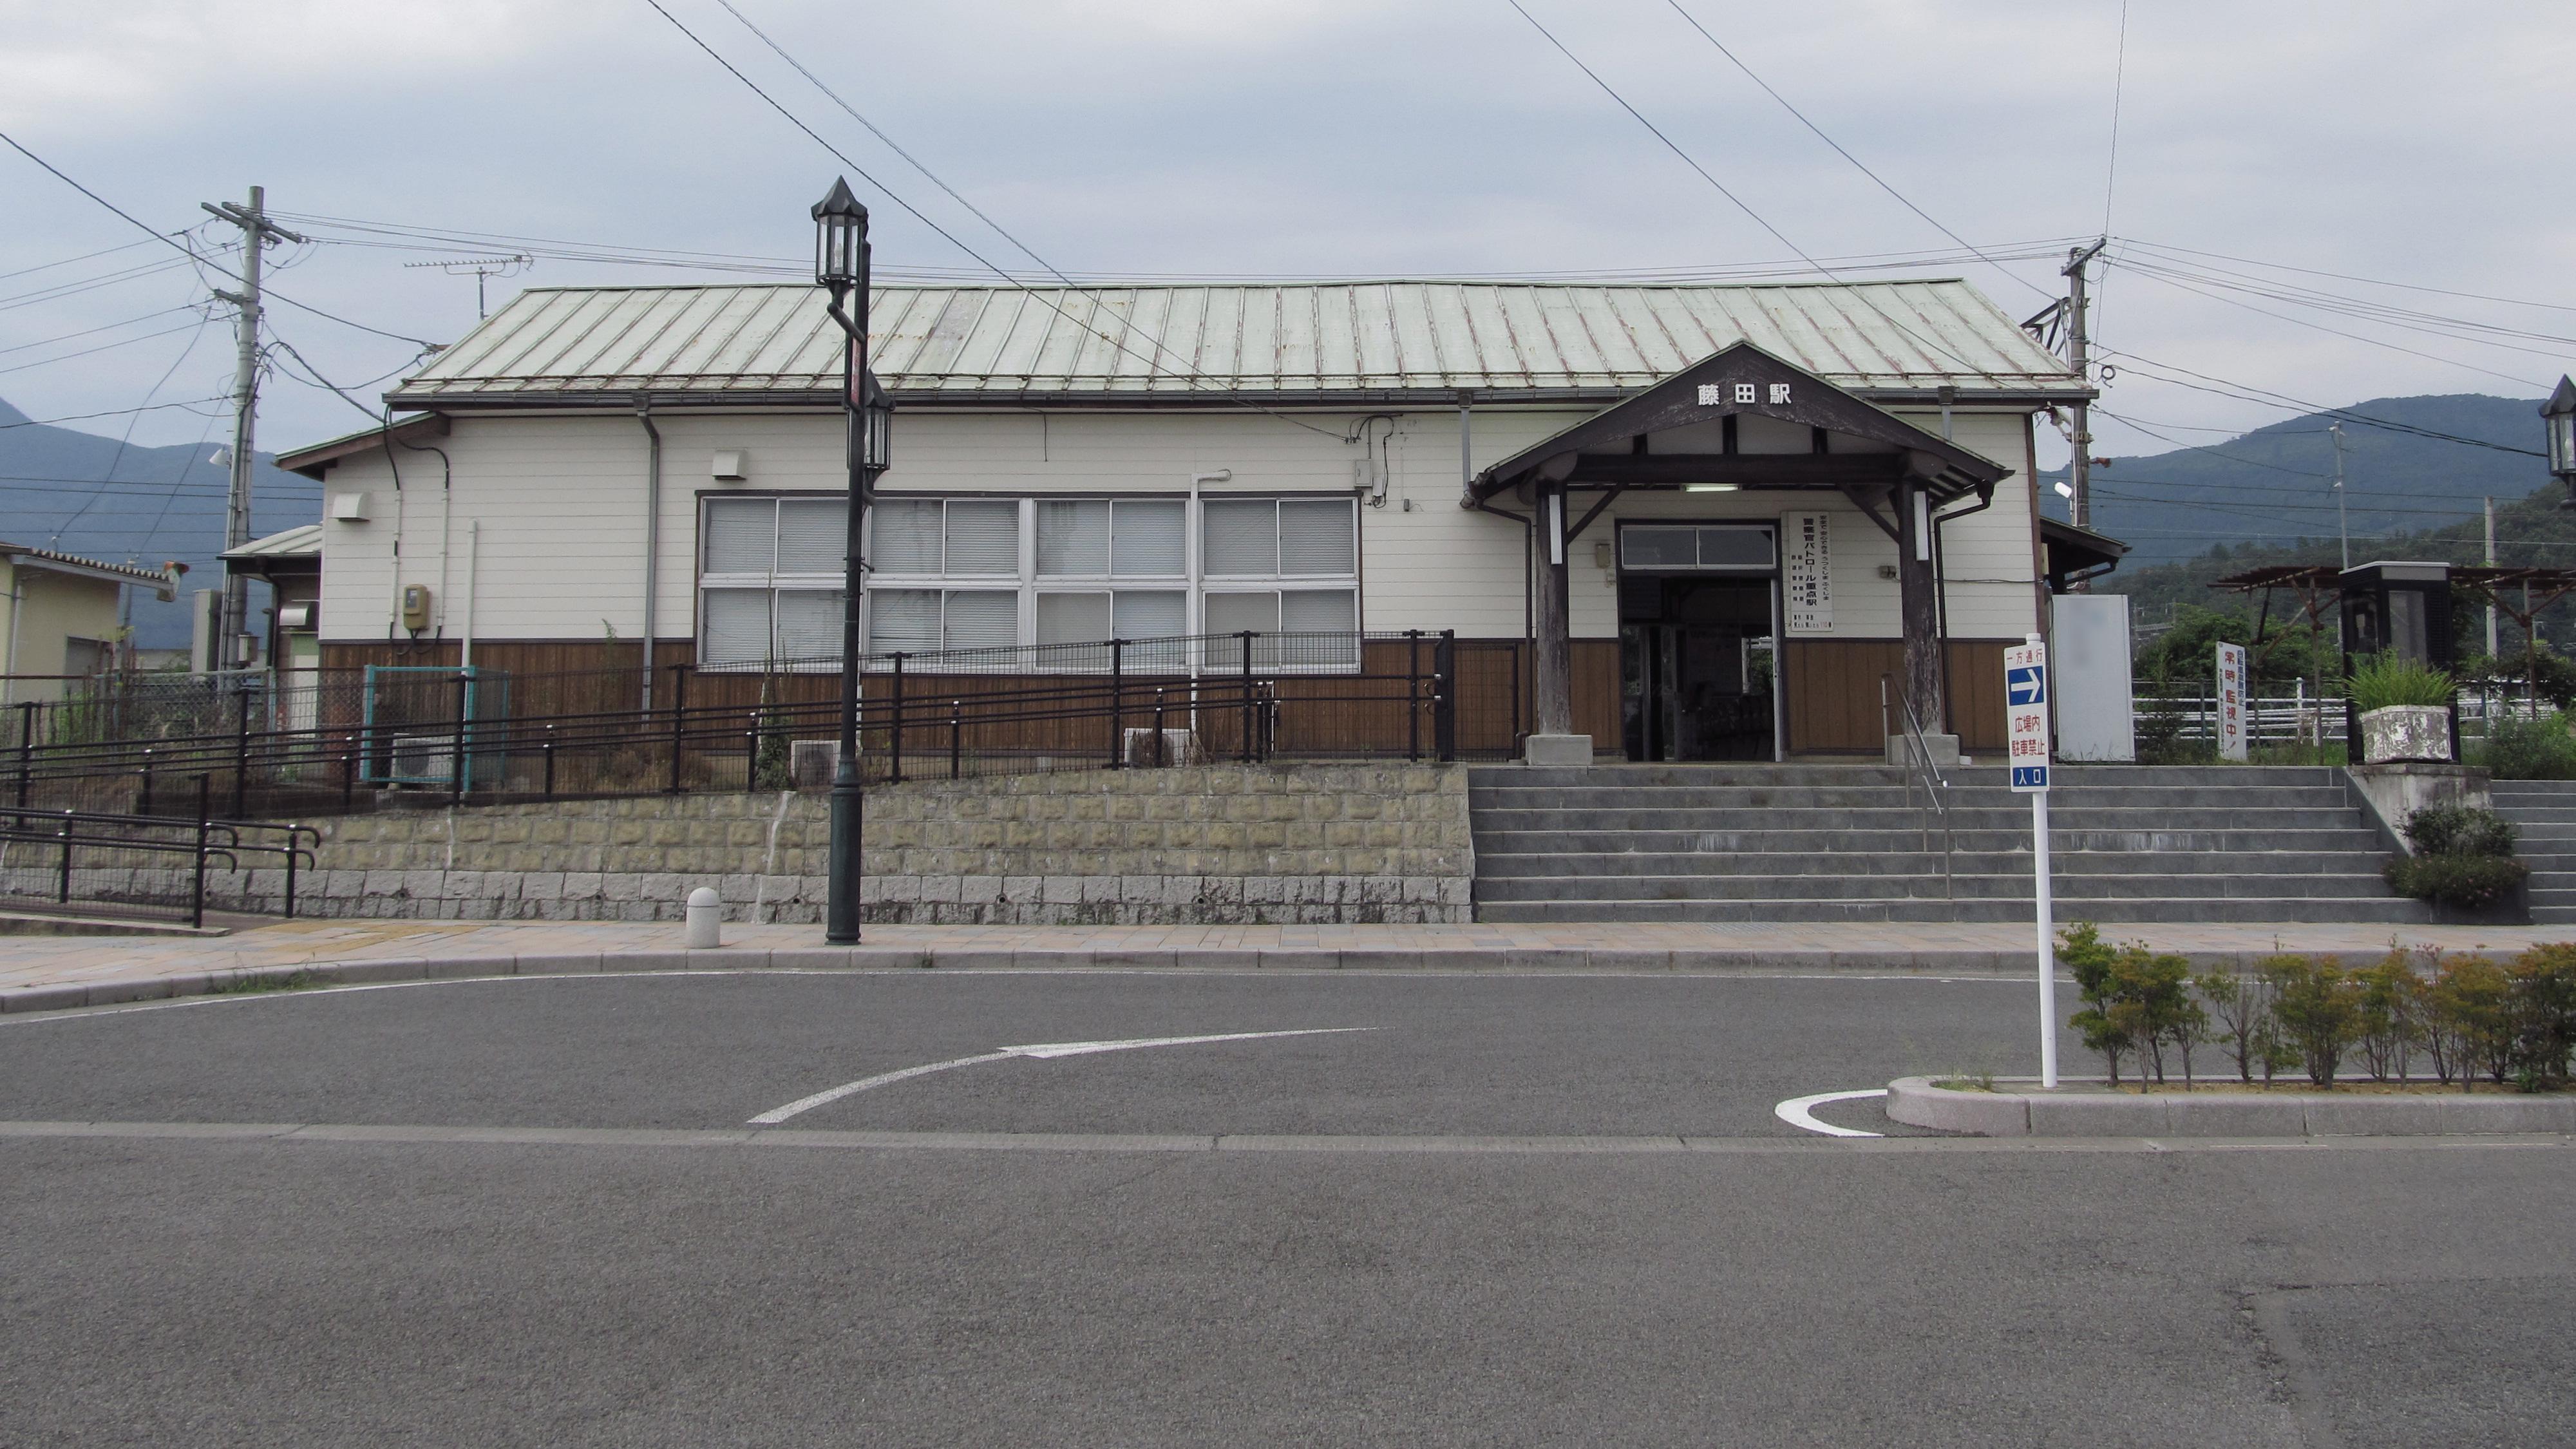 후지타 역